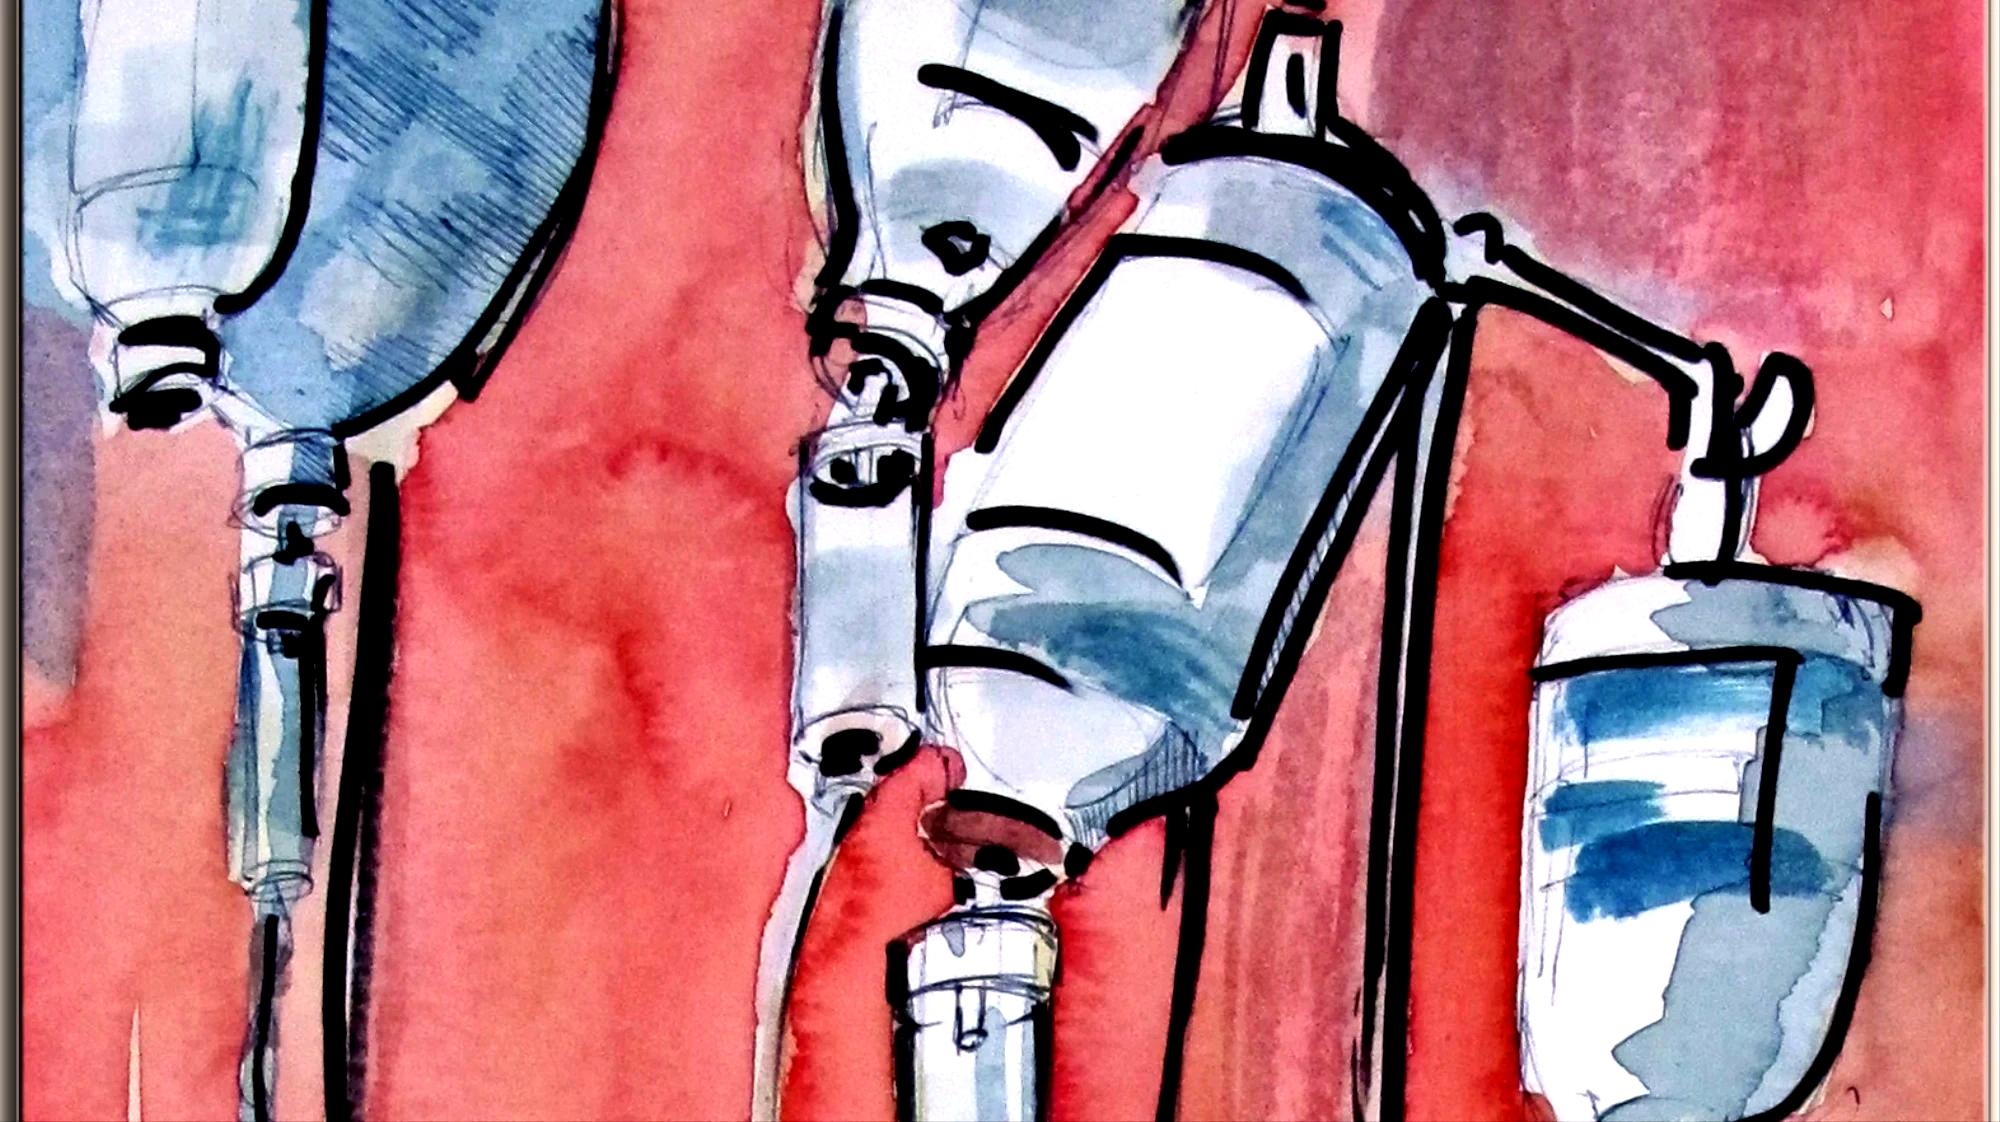 Tra libertà di autodeterminazione e liceità dell'attività medica: il rifiuto delle trasfusioni di sangue dei Testimoni di Geova